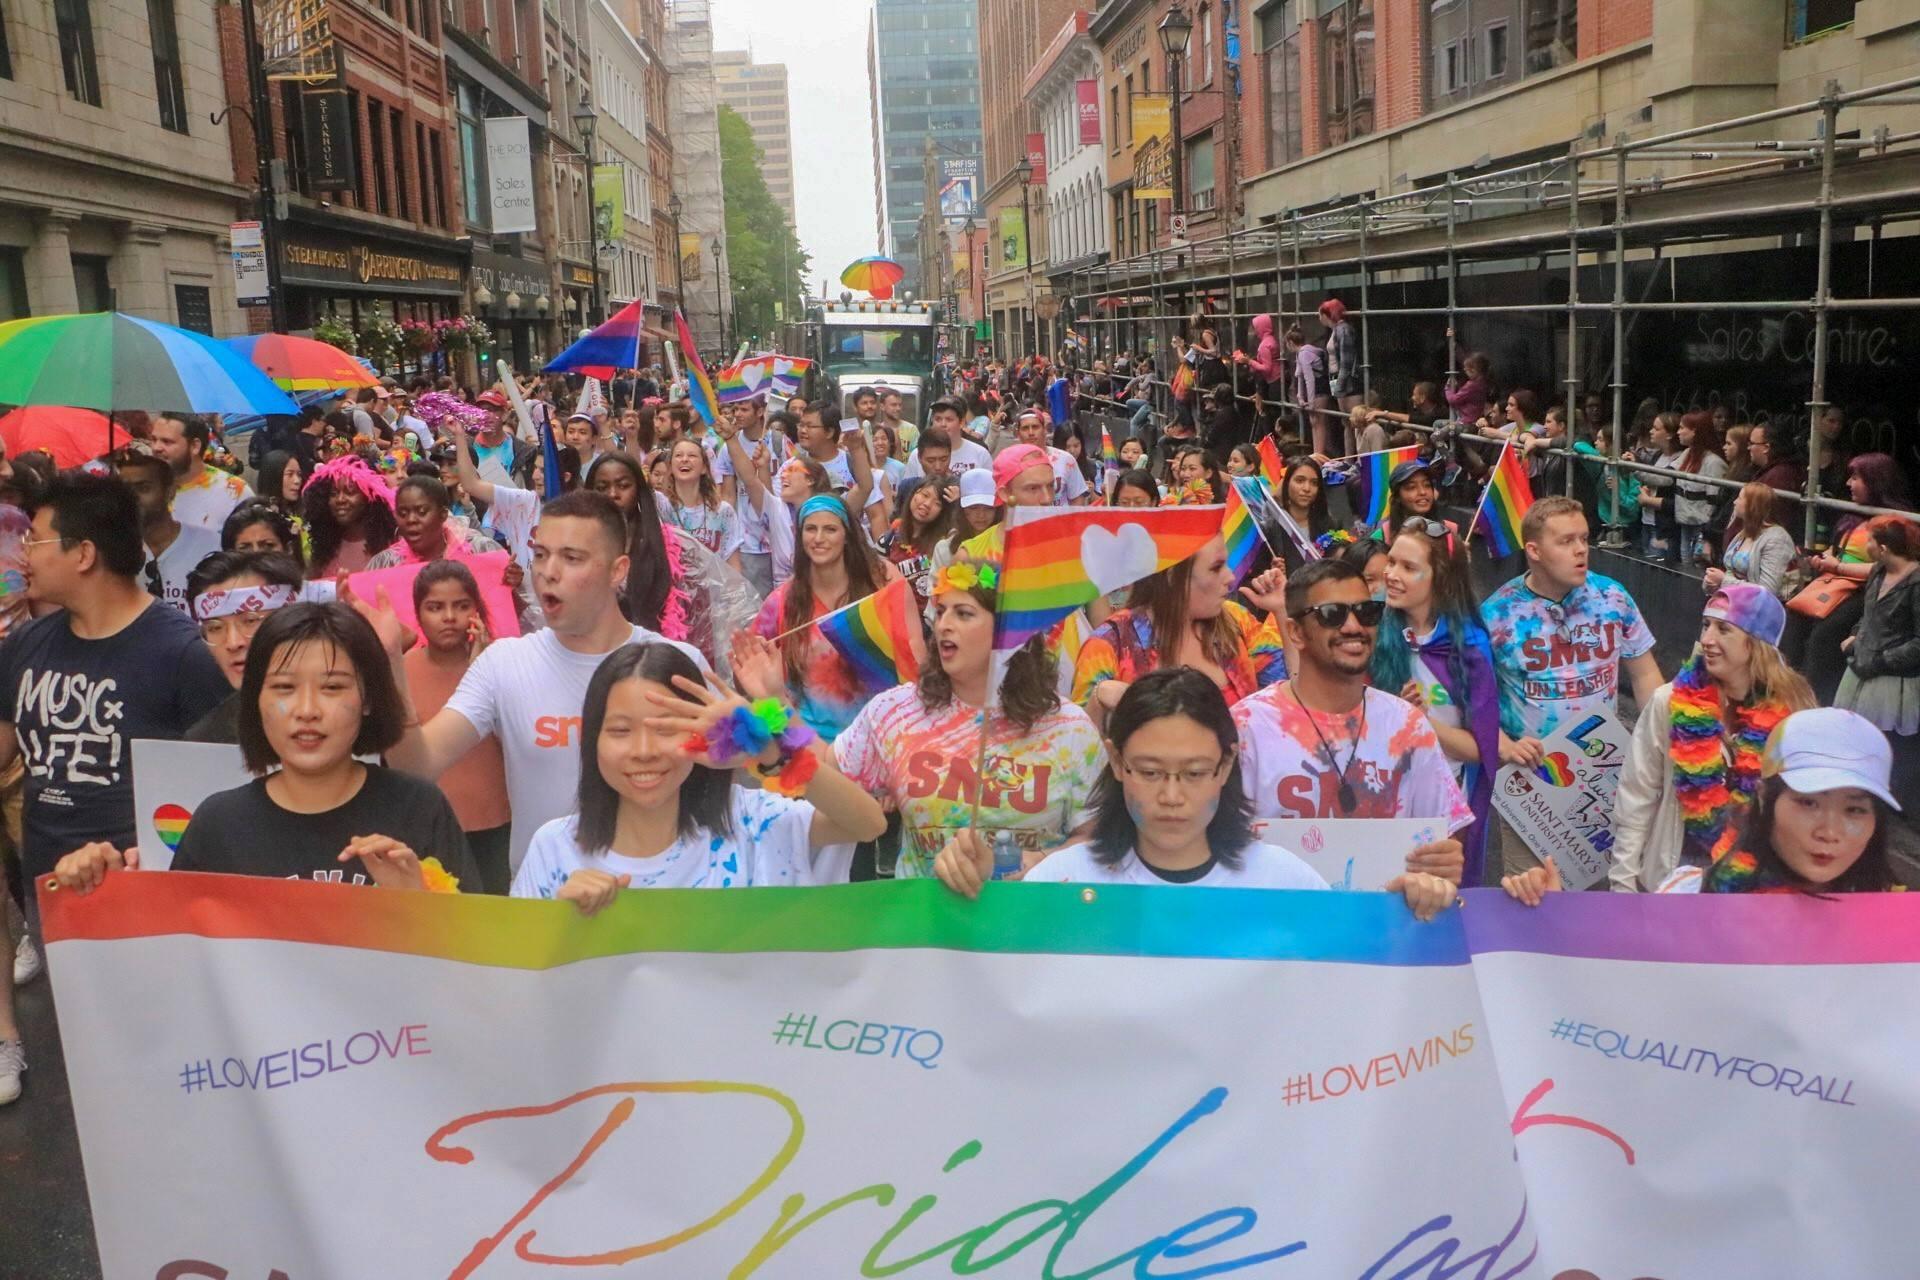 pride crowd 1.jpg